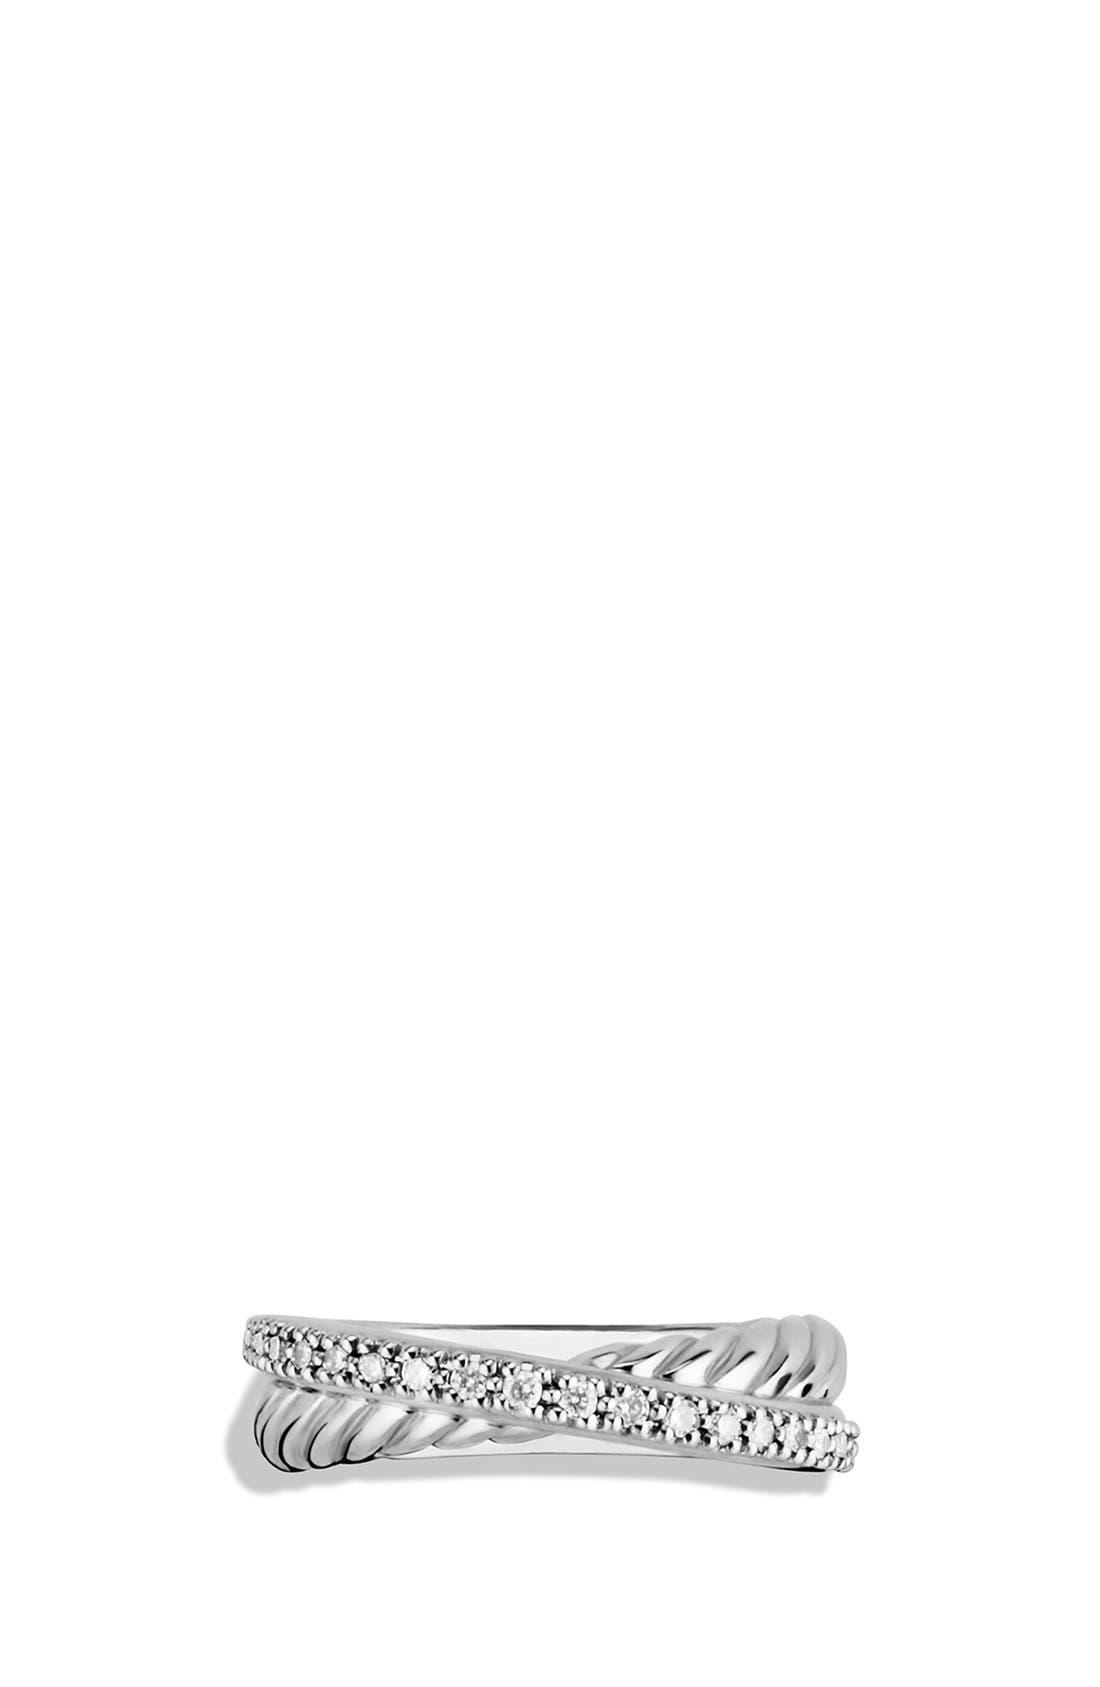 Alternate Image 2  - David Yurman 'Crossover' Ring with Diamonds